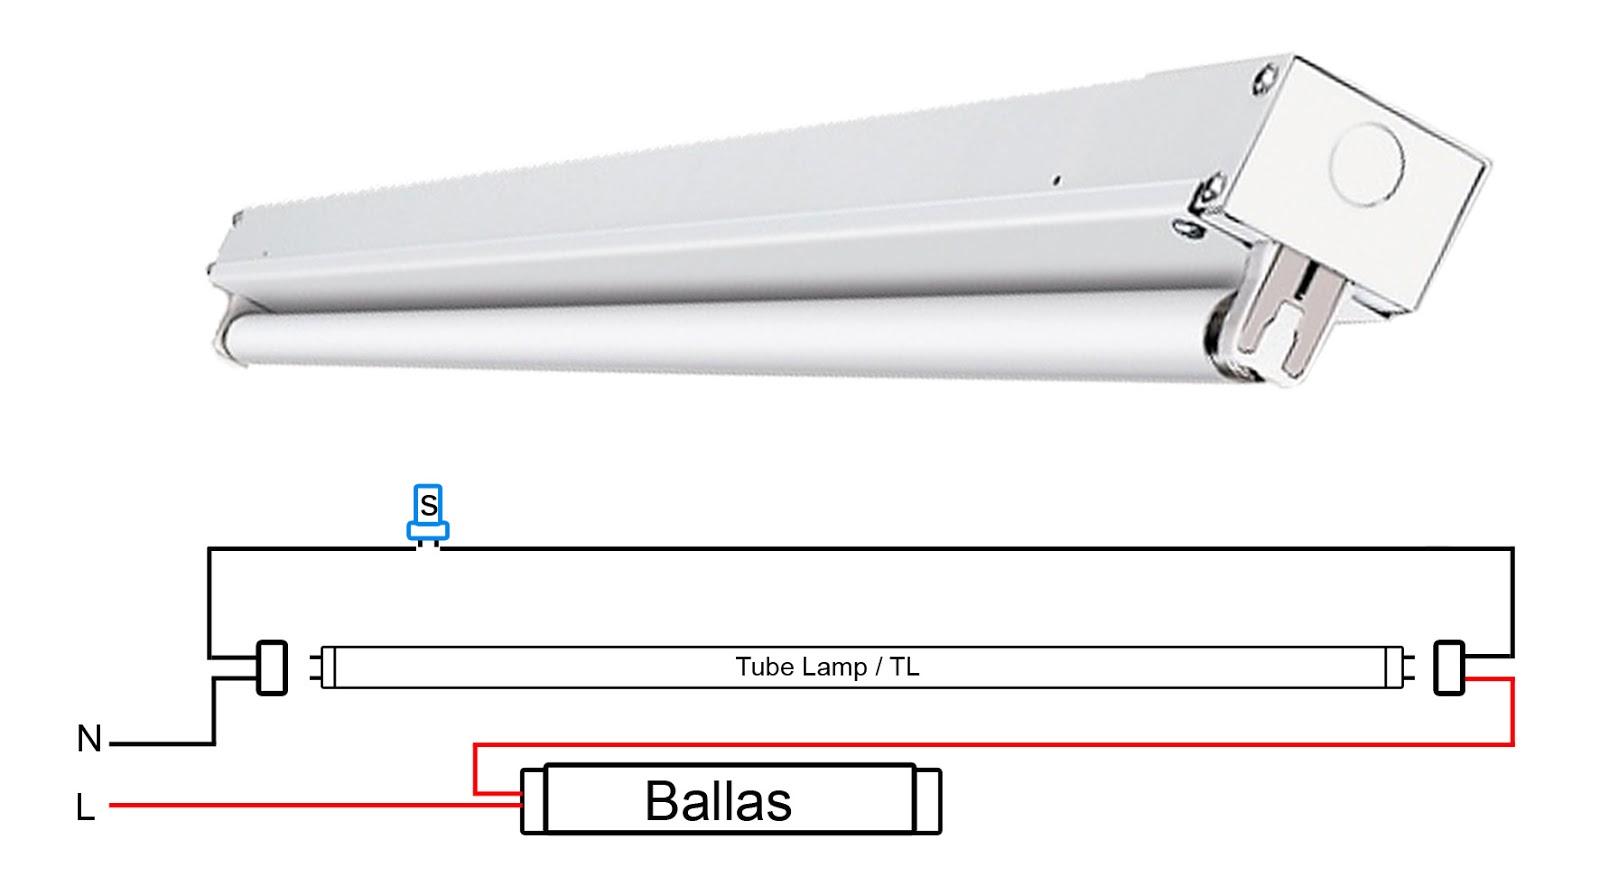 Cara Merakit Lampu Panjang | Tube Lamp Dengan Ballas